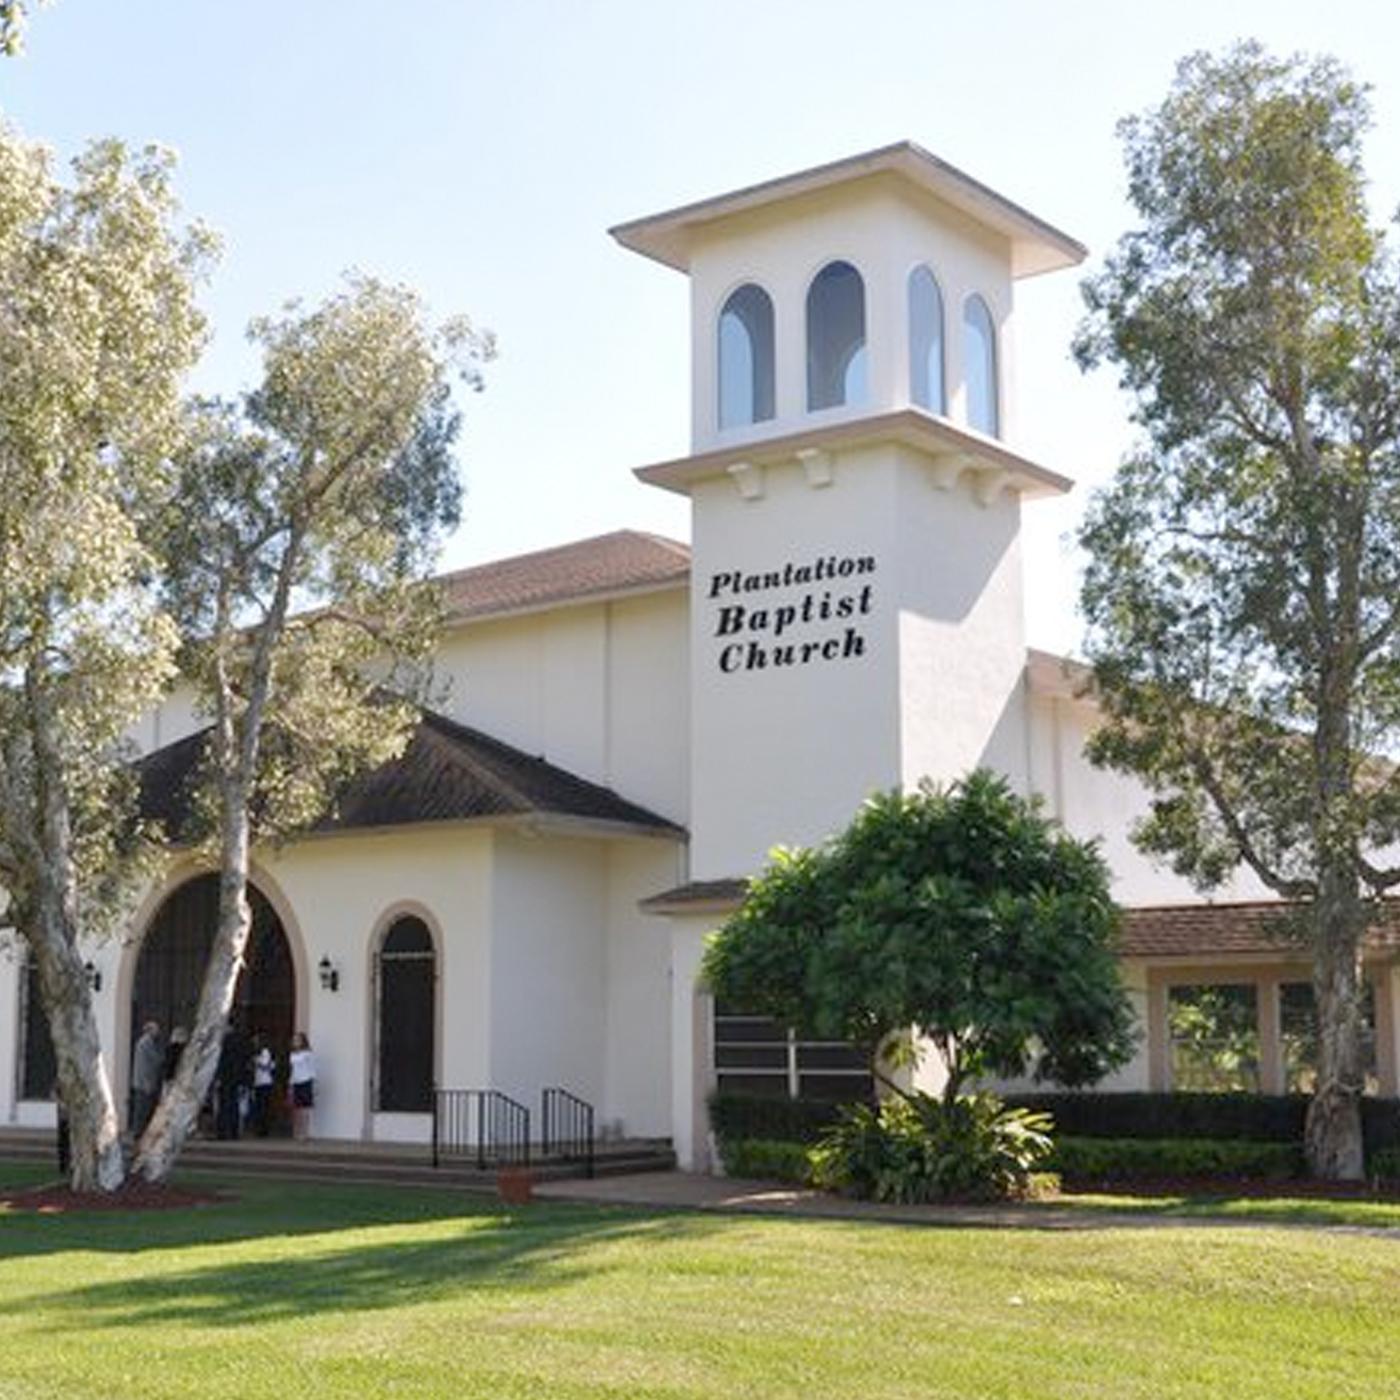 Plantation Baptist Church